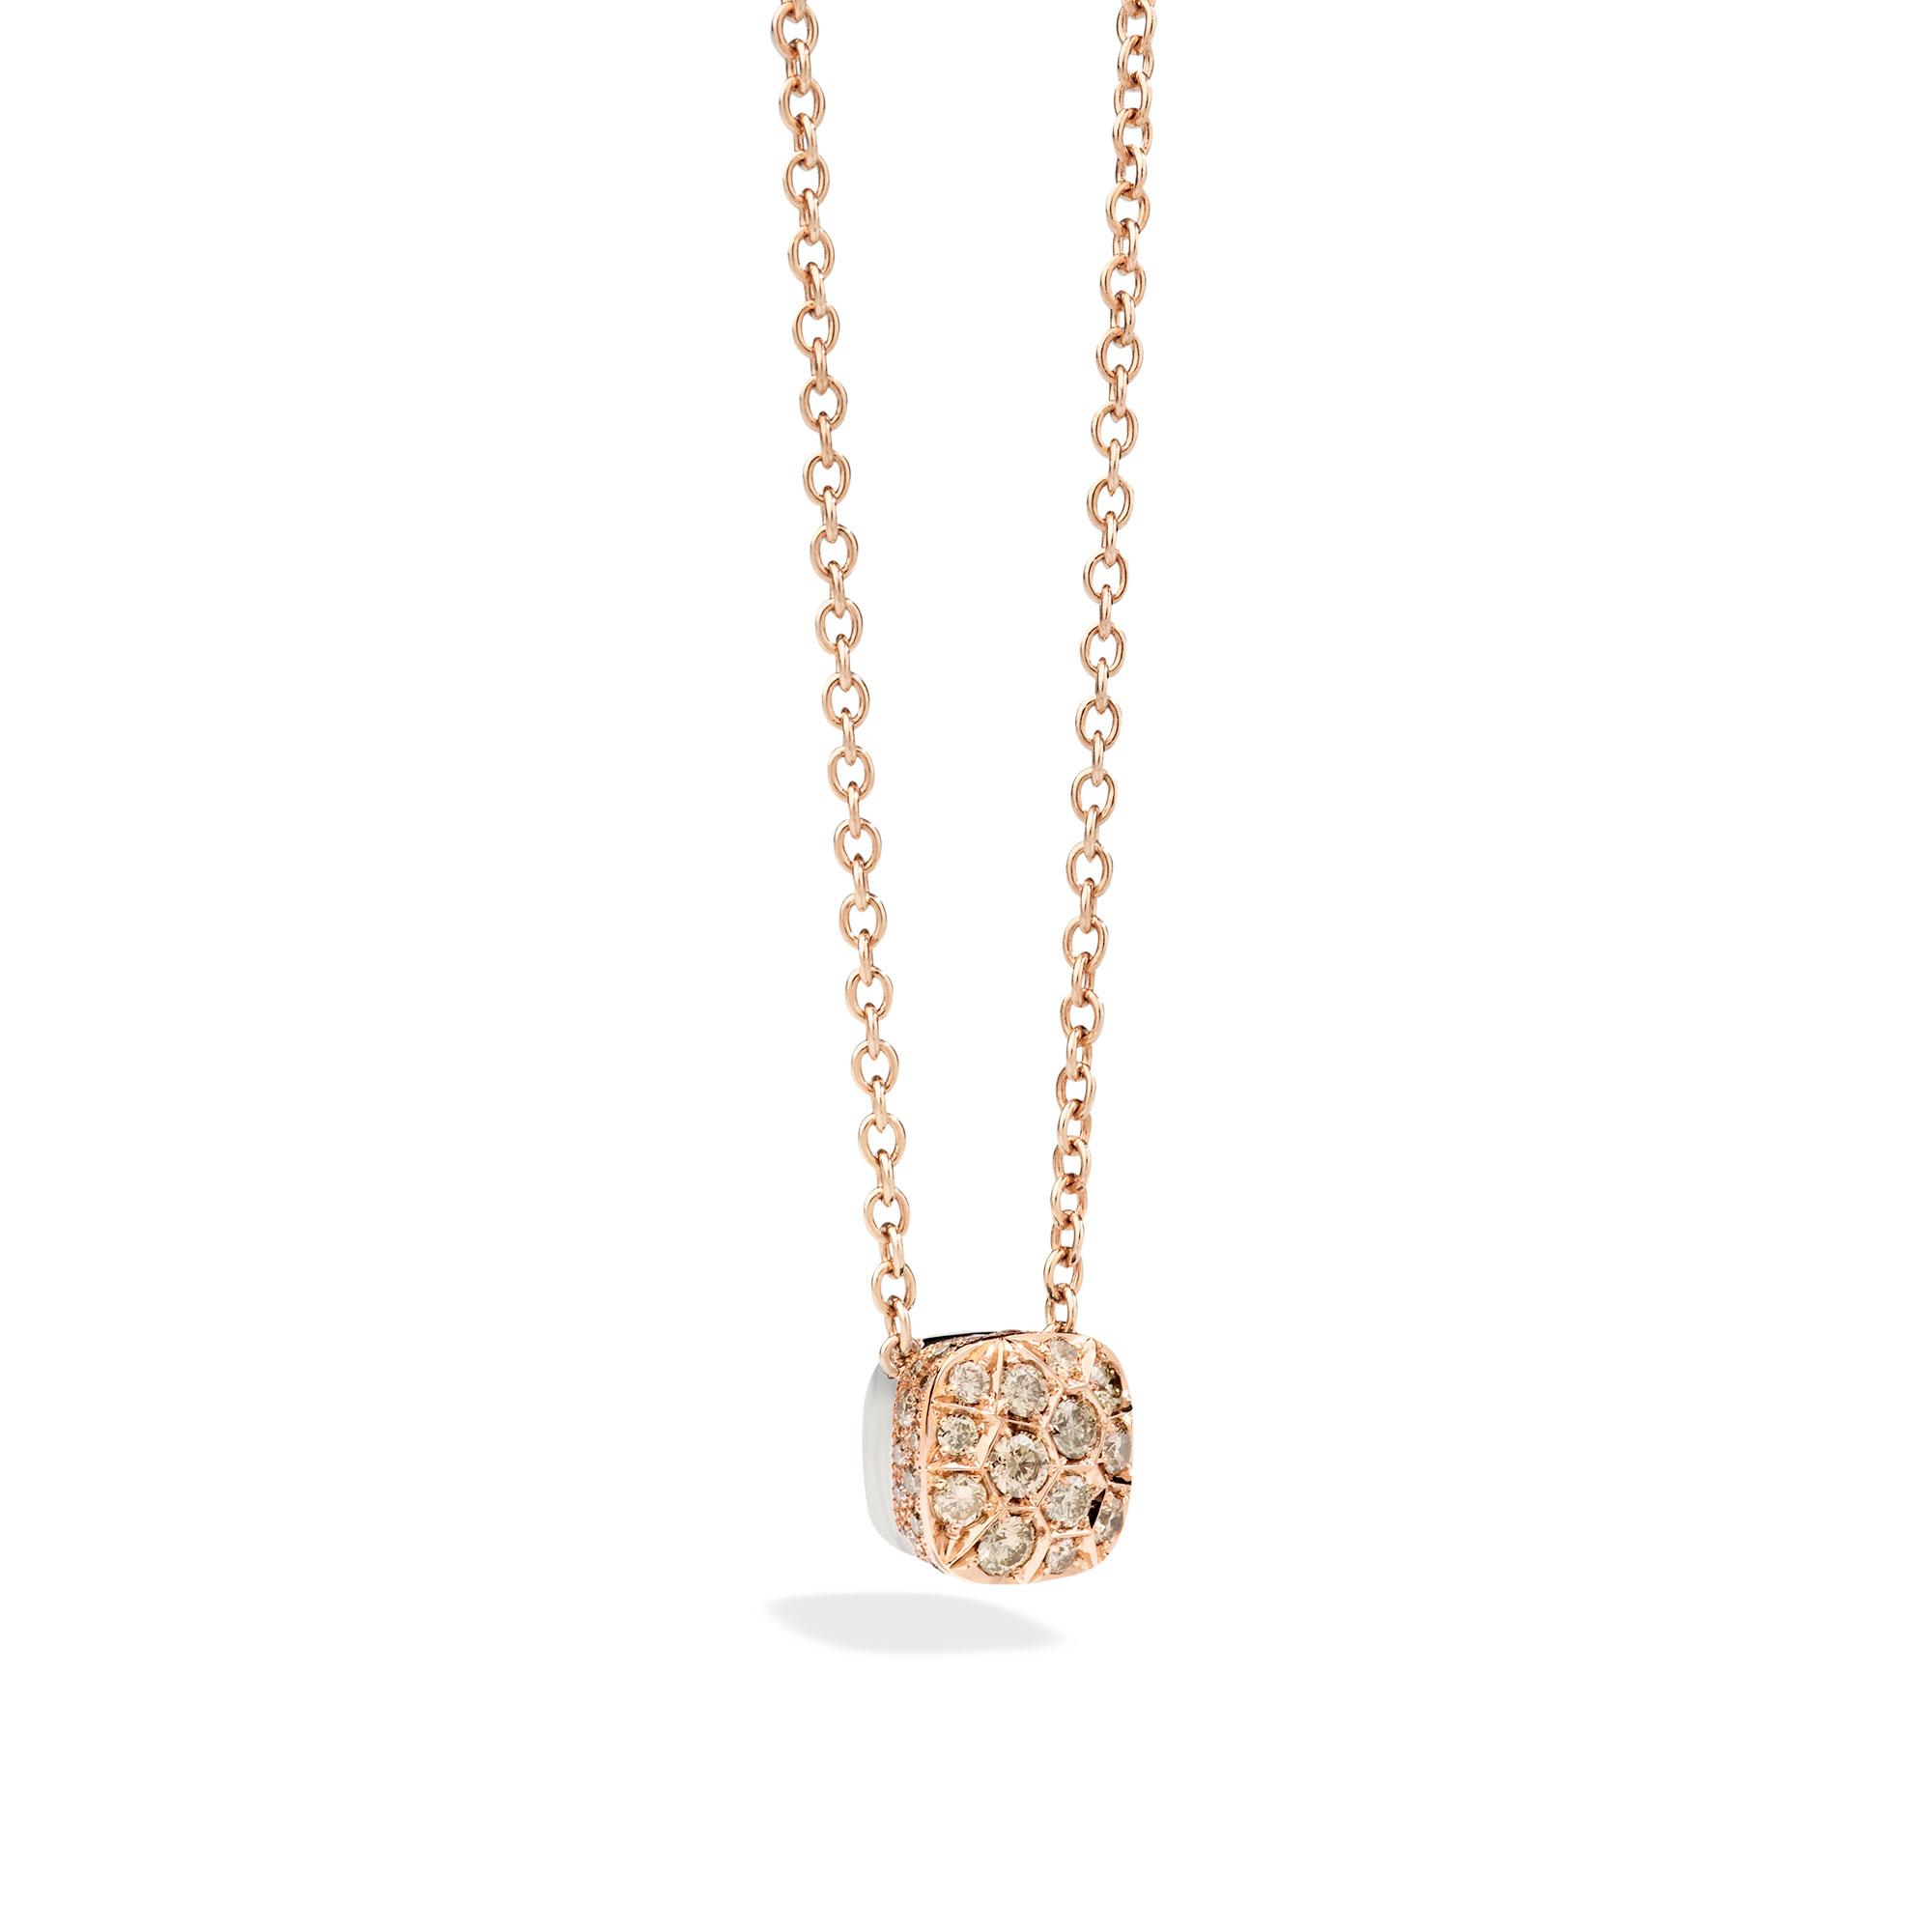 Pomellato Nudo Collier aus Roségold mit Diamanten